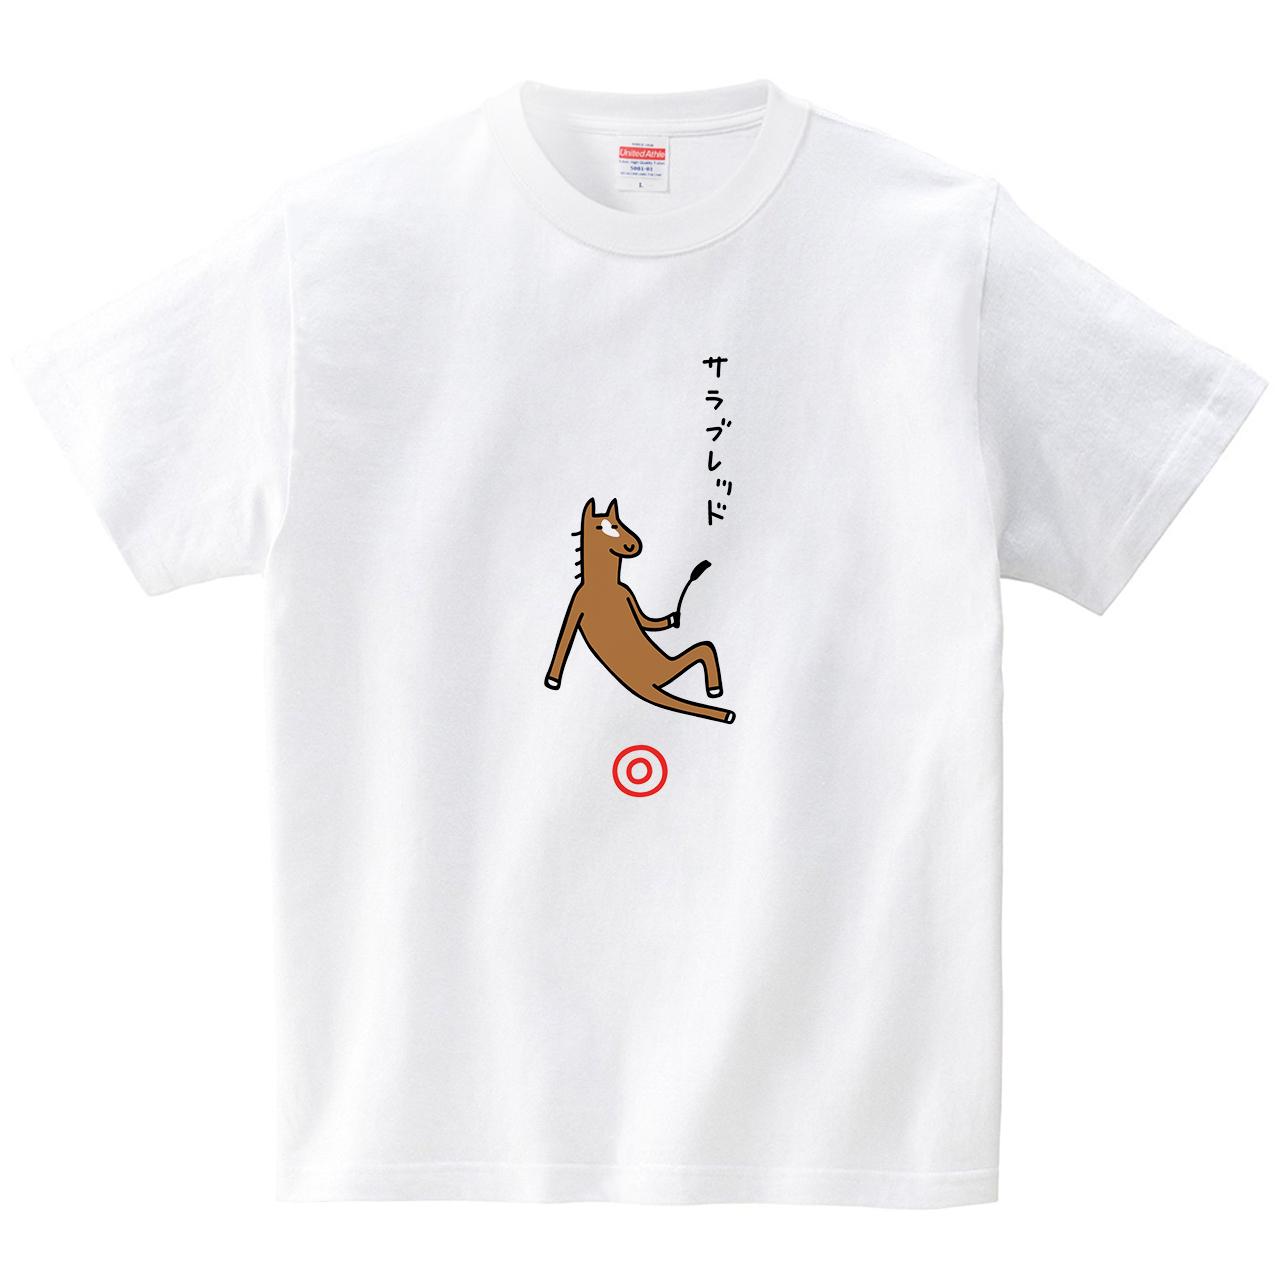 本命のサラブレッド(Tシャツ・ホワイト)(オワリ)